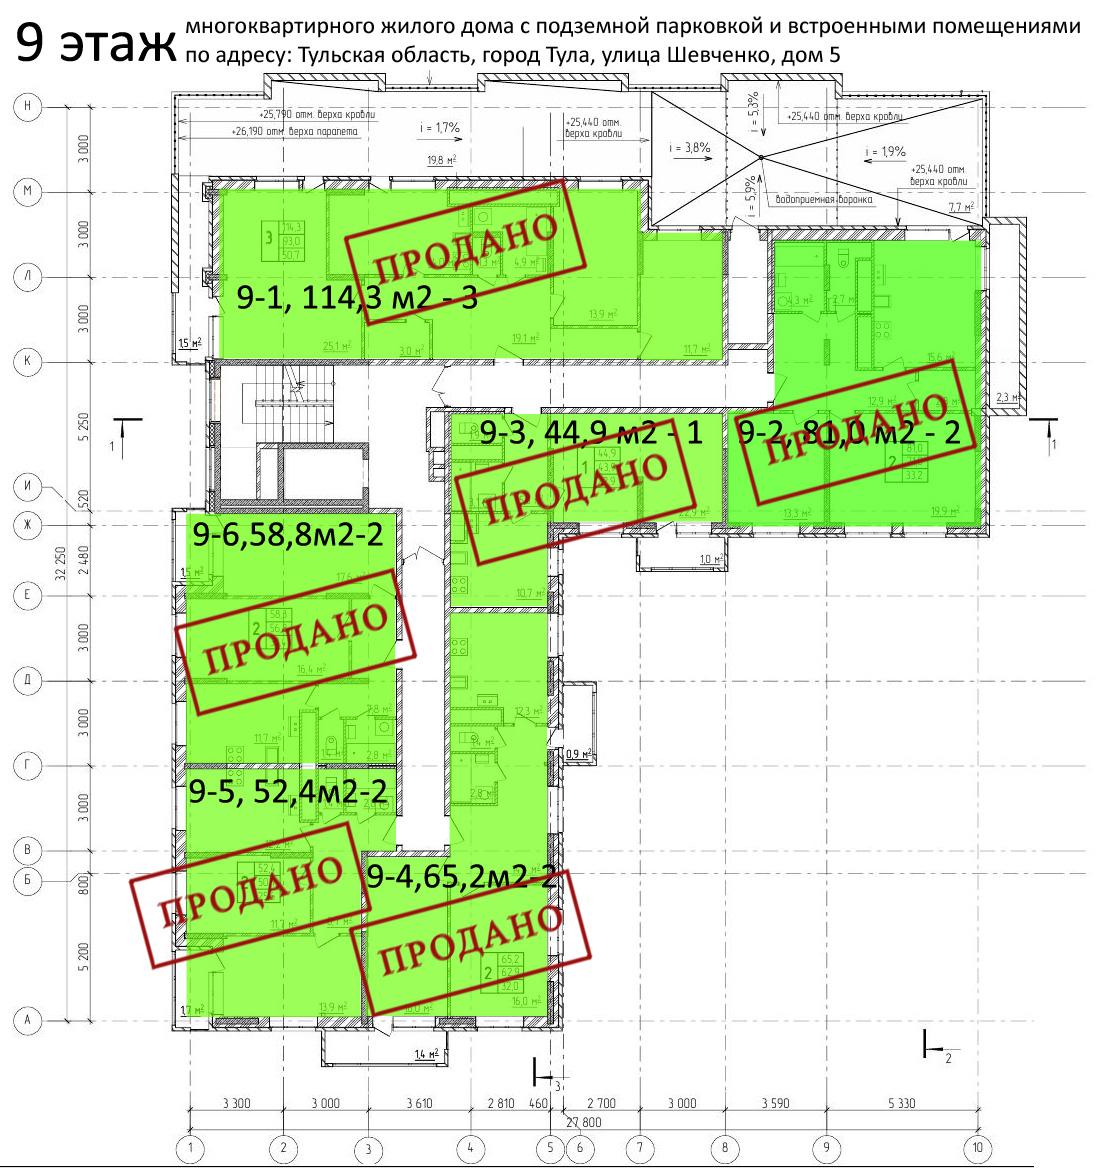 Планировка 9-го этажа ЖК АВРОРА-HOUSE по ул. Шевченко 5